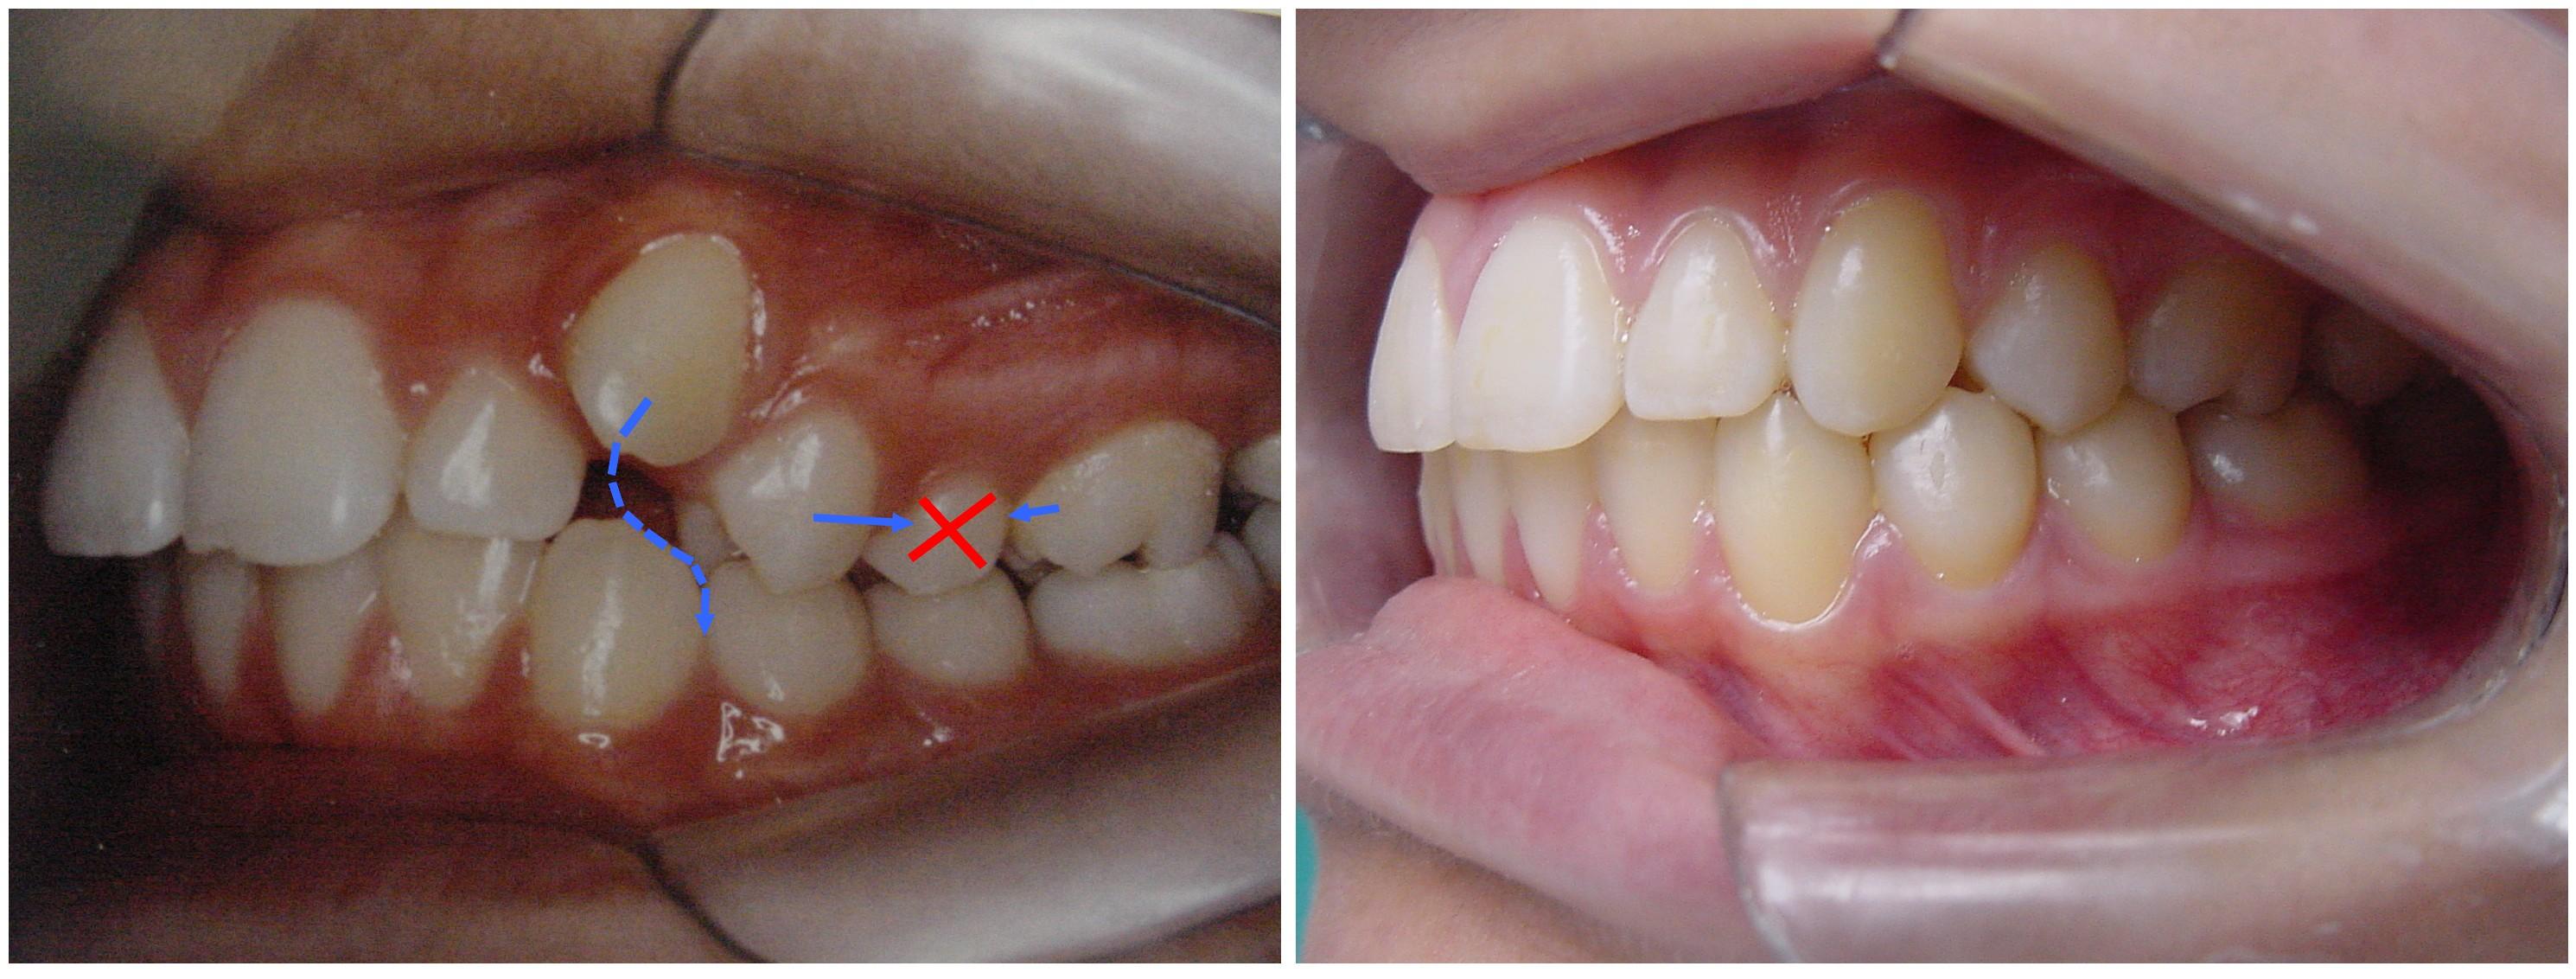 3d78b4369 tratamento ortodôntico com extração de pre-molares. As setas azuis mostram  a movimentação dos dentes fechando o espaço criado pela extração do segundo  ...